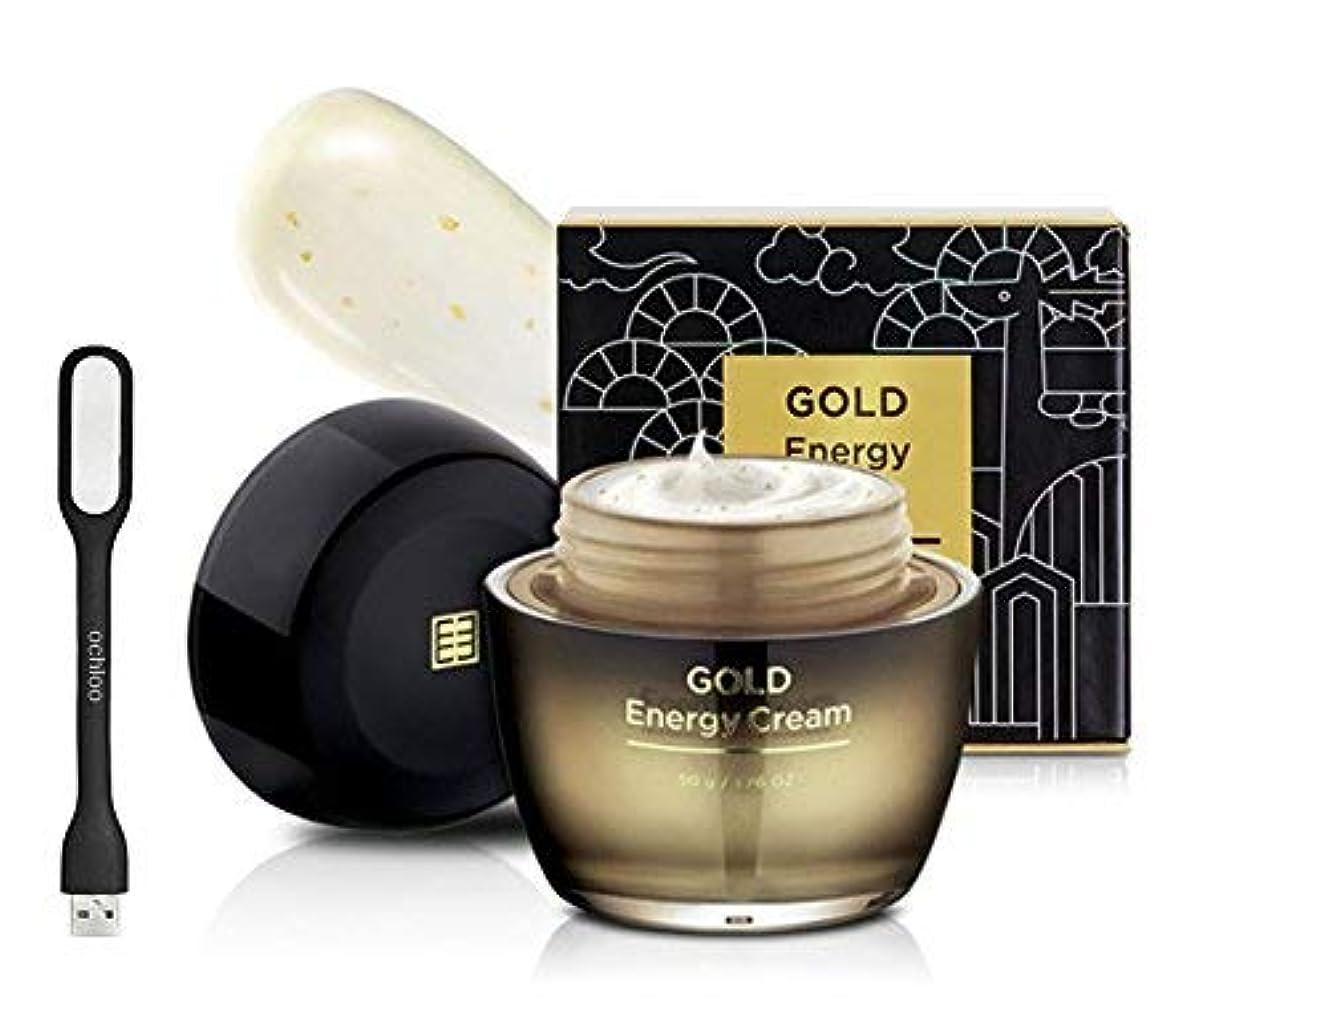 ホップスイス人動員するESTHEMED エステメド ゴールド エネルギー クリーム GOLD Energy Cream 50g 【 シワ改善 美肌 保湿 回復 韓国コスメ 】